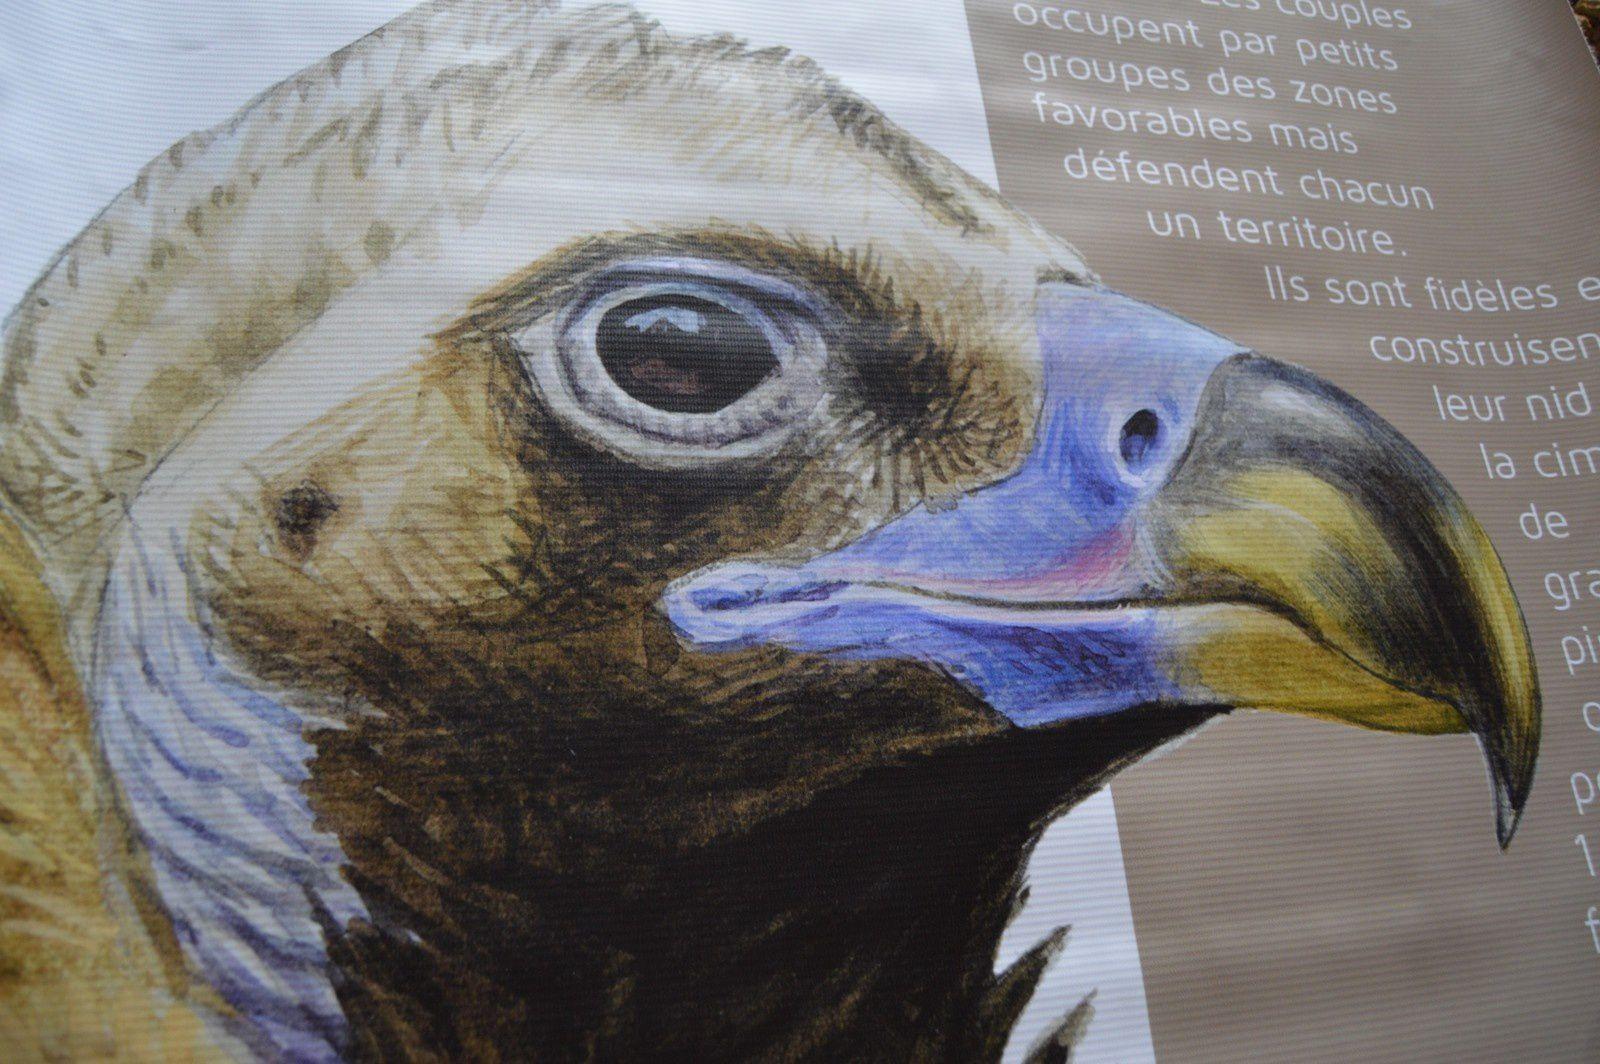 La maison cévenole propose une exposition sur les vautours, au musée rue du pont, tous les jours de 9 heures à midi et de de 15 heures à 19 heures.